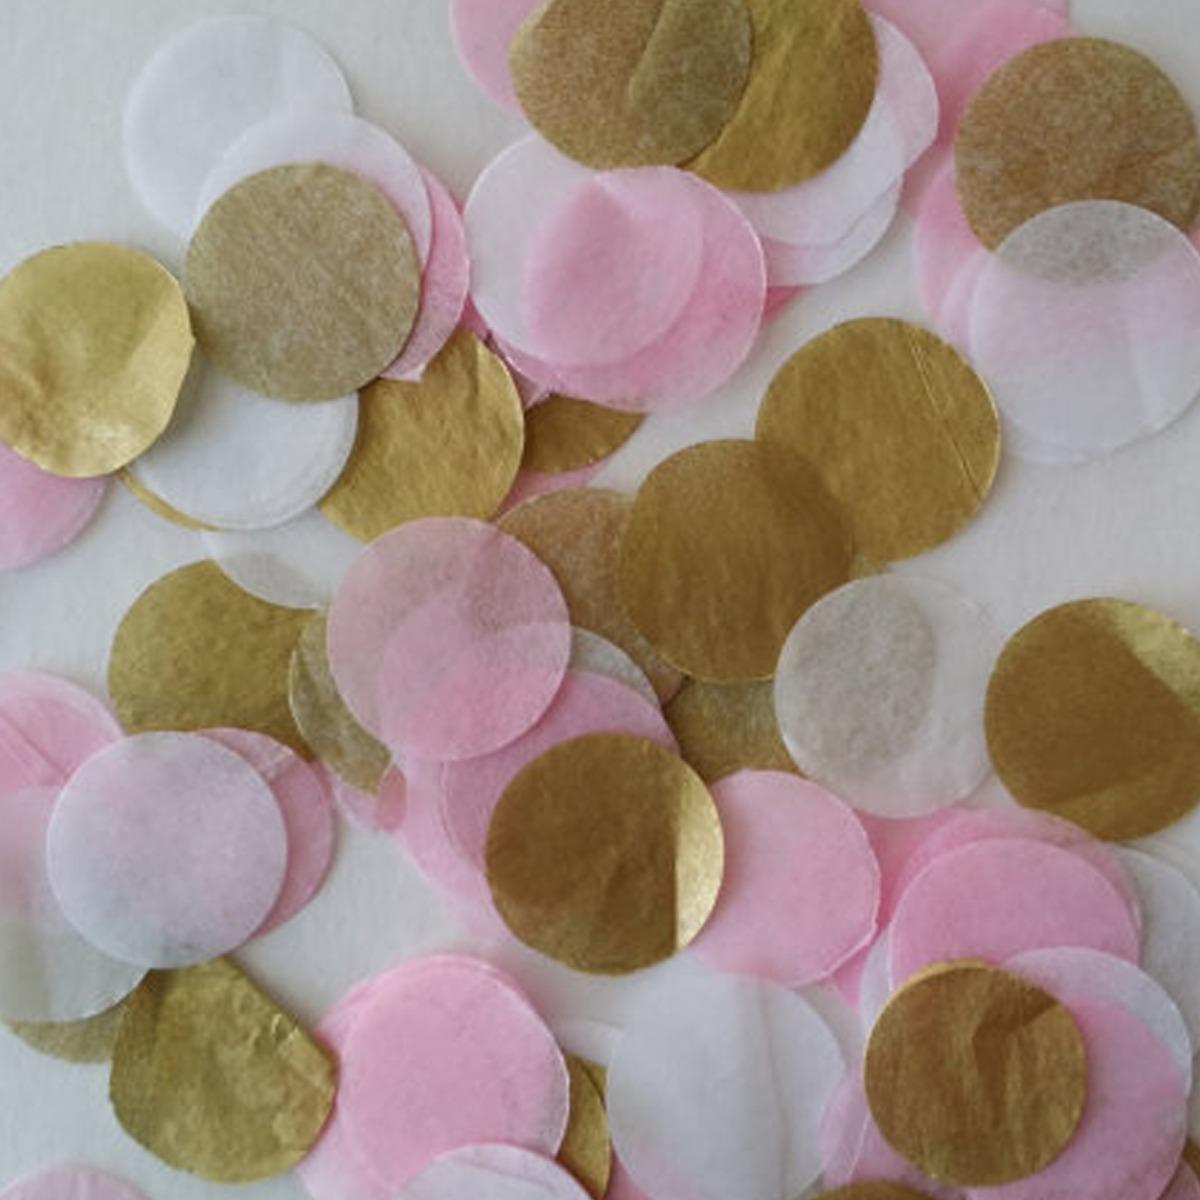 Globos Transparentes 12 Con Confetti Colores Dorado Y Plata - $ 270 ...